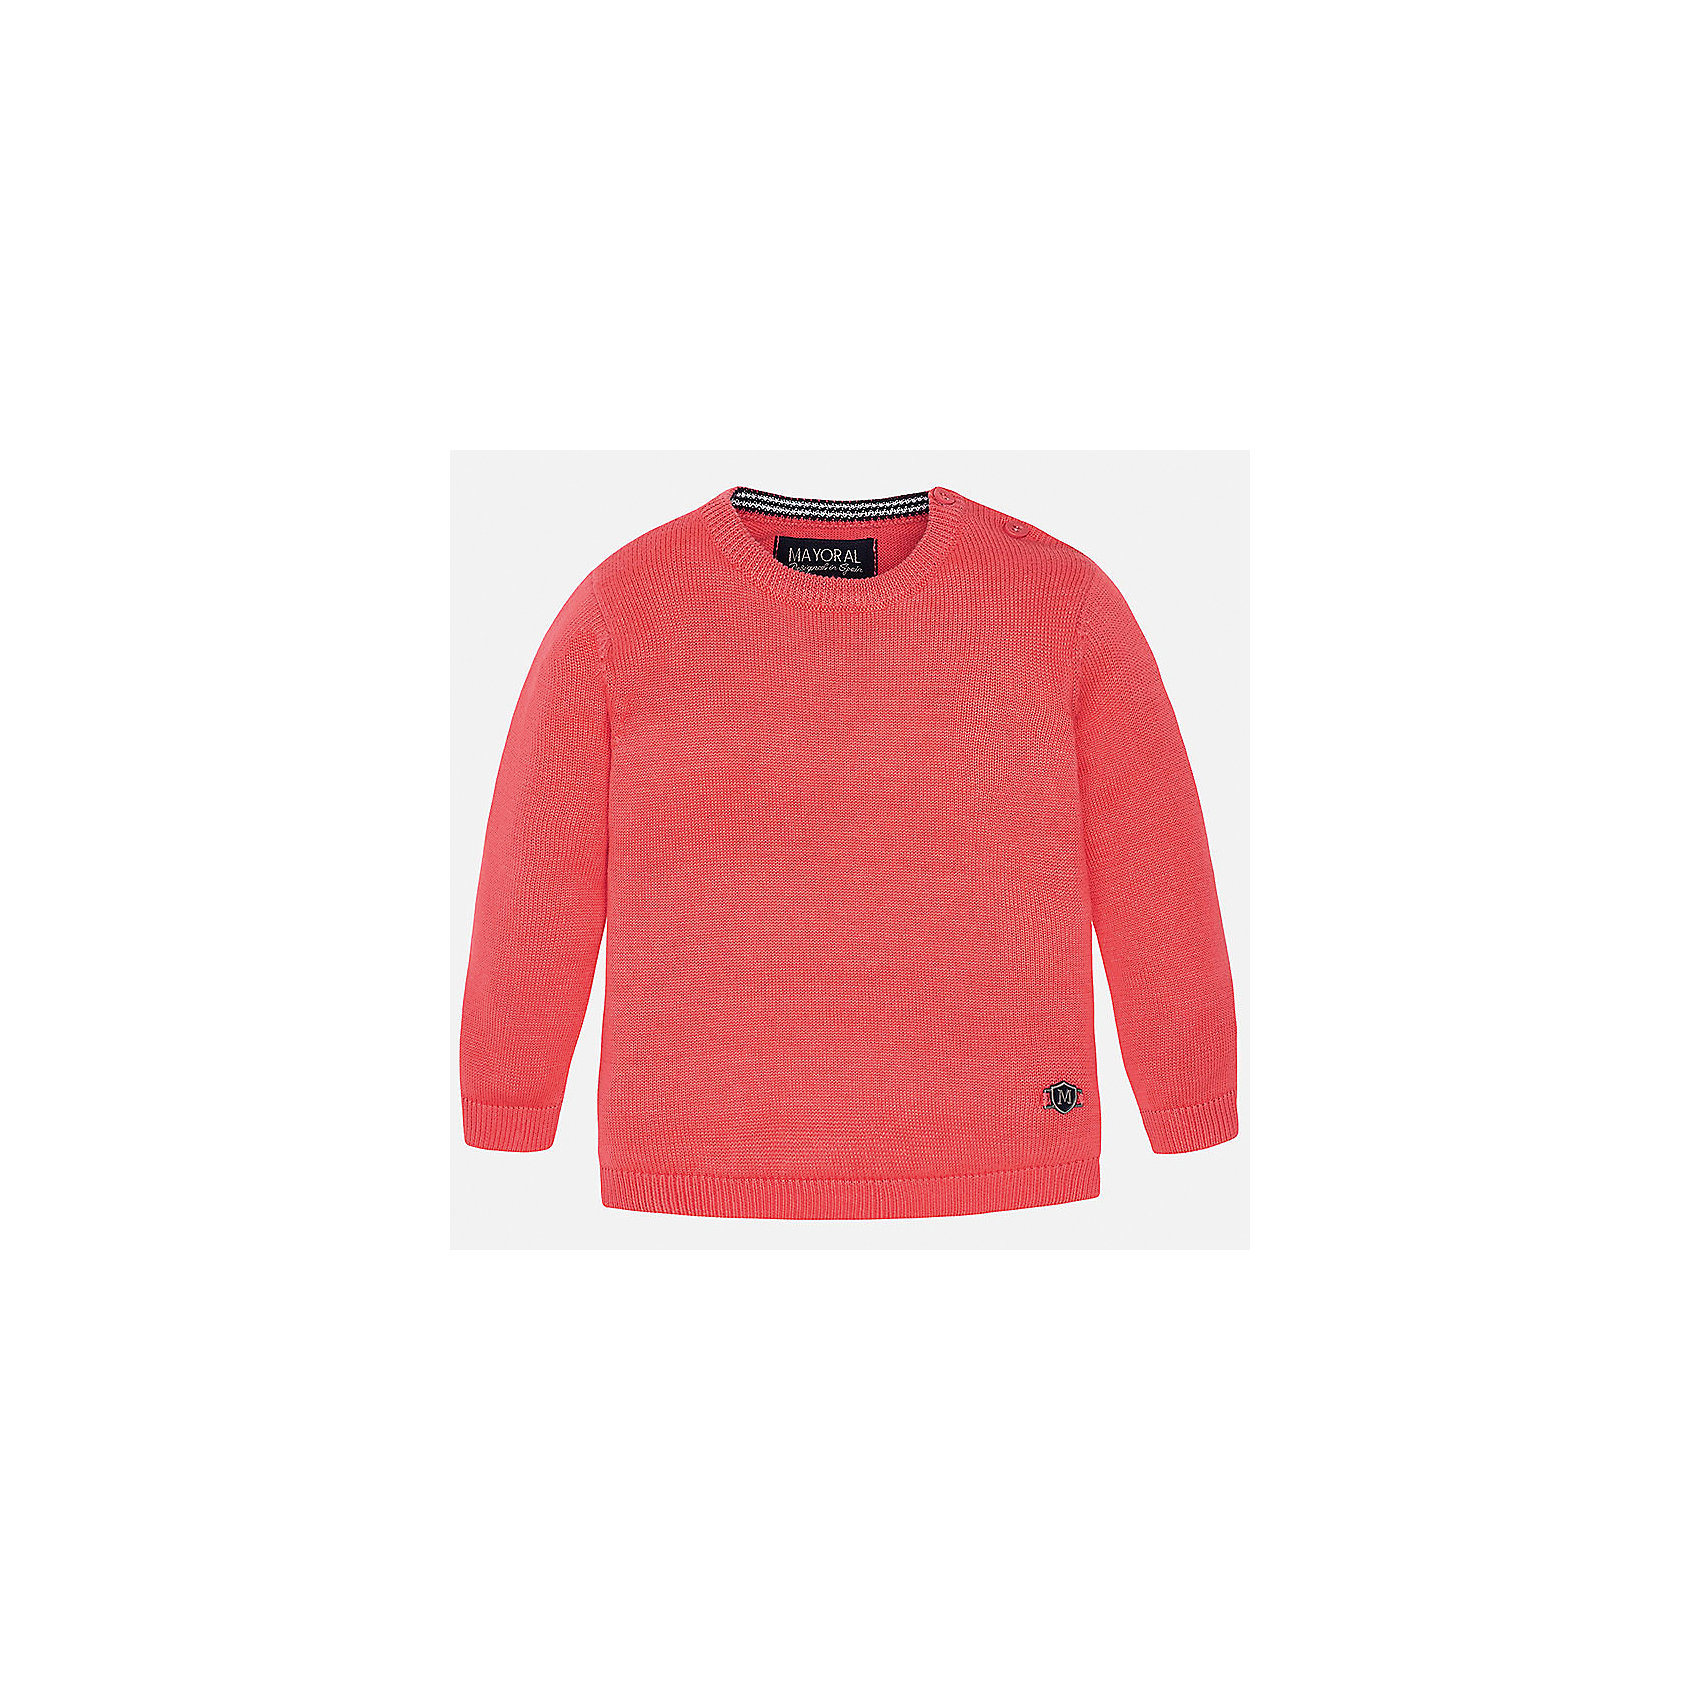 Свитер для мальчика MayoralТолстовки, свитера, кардиганы<br>Характеристики товара:<br><br>• цвет: красный<br>• состав: 100% хлопок<br>• рукава длинные <br>• пуговицы на плече<br>• округлая горловина<br>• манжеты<br>• страна бренда: Испания<br><br>Удобный и красивый свитер для мальчика поможет разнообразить гардероб ребенка и обеспечить тепло. Он отлично сочетается и с джинсами, и с брюками. Универсальный цвет позволяет подобрать к вещи низ различных расцветок. Интересная отделка модели делает её нарядной и оригинальной. В составе материала - только натуральный хлопок, гипоаллергенный, приятный на ощупь, дышащий.<br><br>Одежда, обувь и аксессуары от испанского бренда Mayoral полюбились детям и взрослым по всему миру. Модели этой марки - стильные и удобные. Для их производства используются только безопасные, качественные материалы и фурнитура. Порадуйте ребенка модными и красивыми вещами от Mayoral! <br><br>Свитер для мальчика от испанского бренда Mayoral (Майорал) можно купить в нашем интернет-магазине.<br><br>Ширина мм: 190<br>Глубина мм: 74<br>Высота мм: 229<br>Вес г: 236<br>Цвет: красный<br>Возраст от месяцев: 6<br>Возраст до месяцев: 9<br>Пол: Мужской<br>Возраст: Детский<br>Размер: 74,86,92,80<br>SKU: 5277946